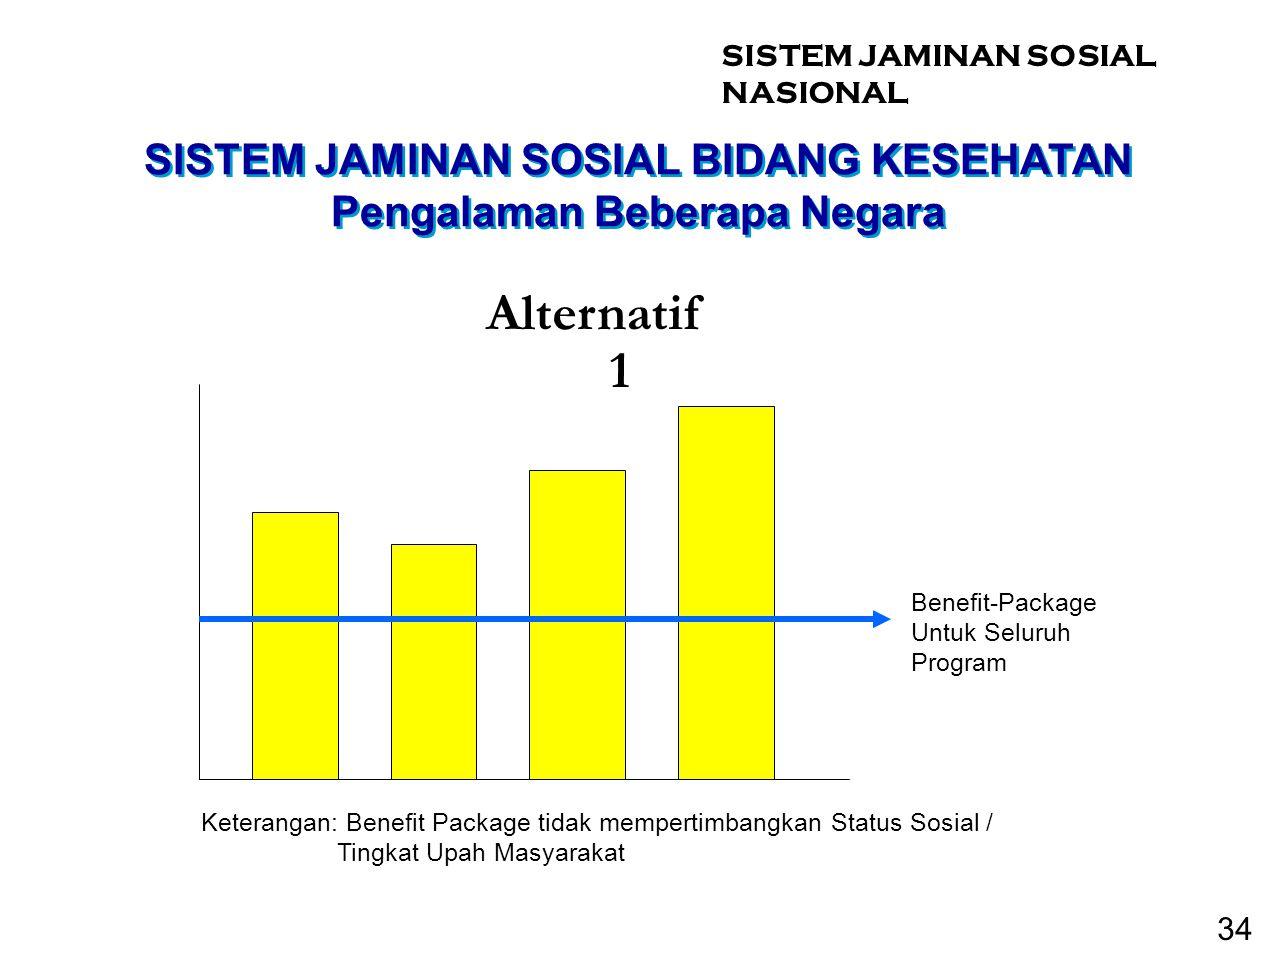 SISTEM JAMINAN SOSIAL BIDANG KESEHATAN Pengalaman Beberapa Negara Benefit-Package Untuk Seluruh Program Keterangan: Benefit Package tidak mempertimban